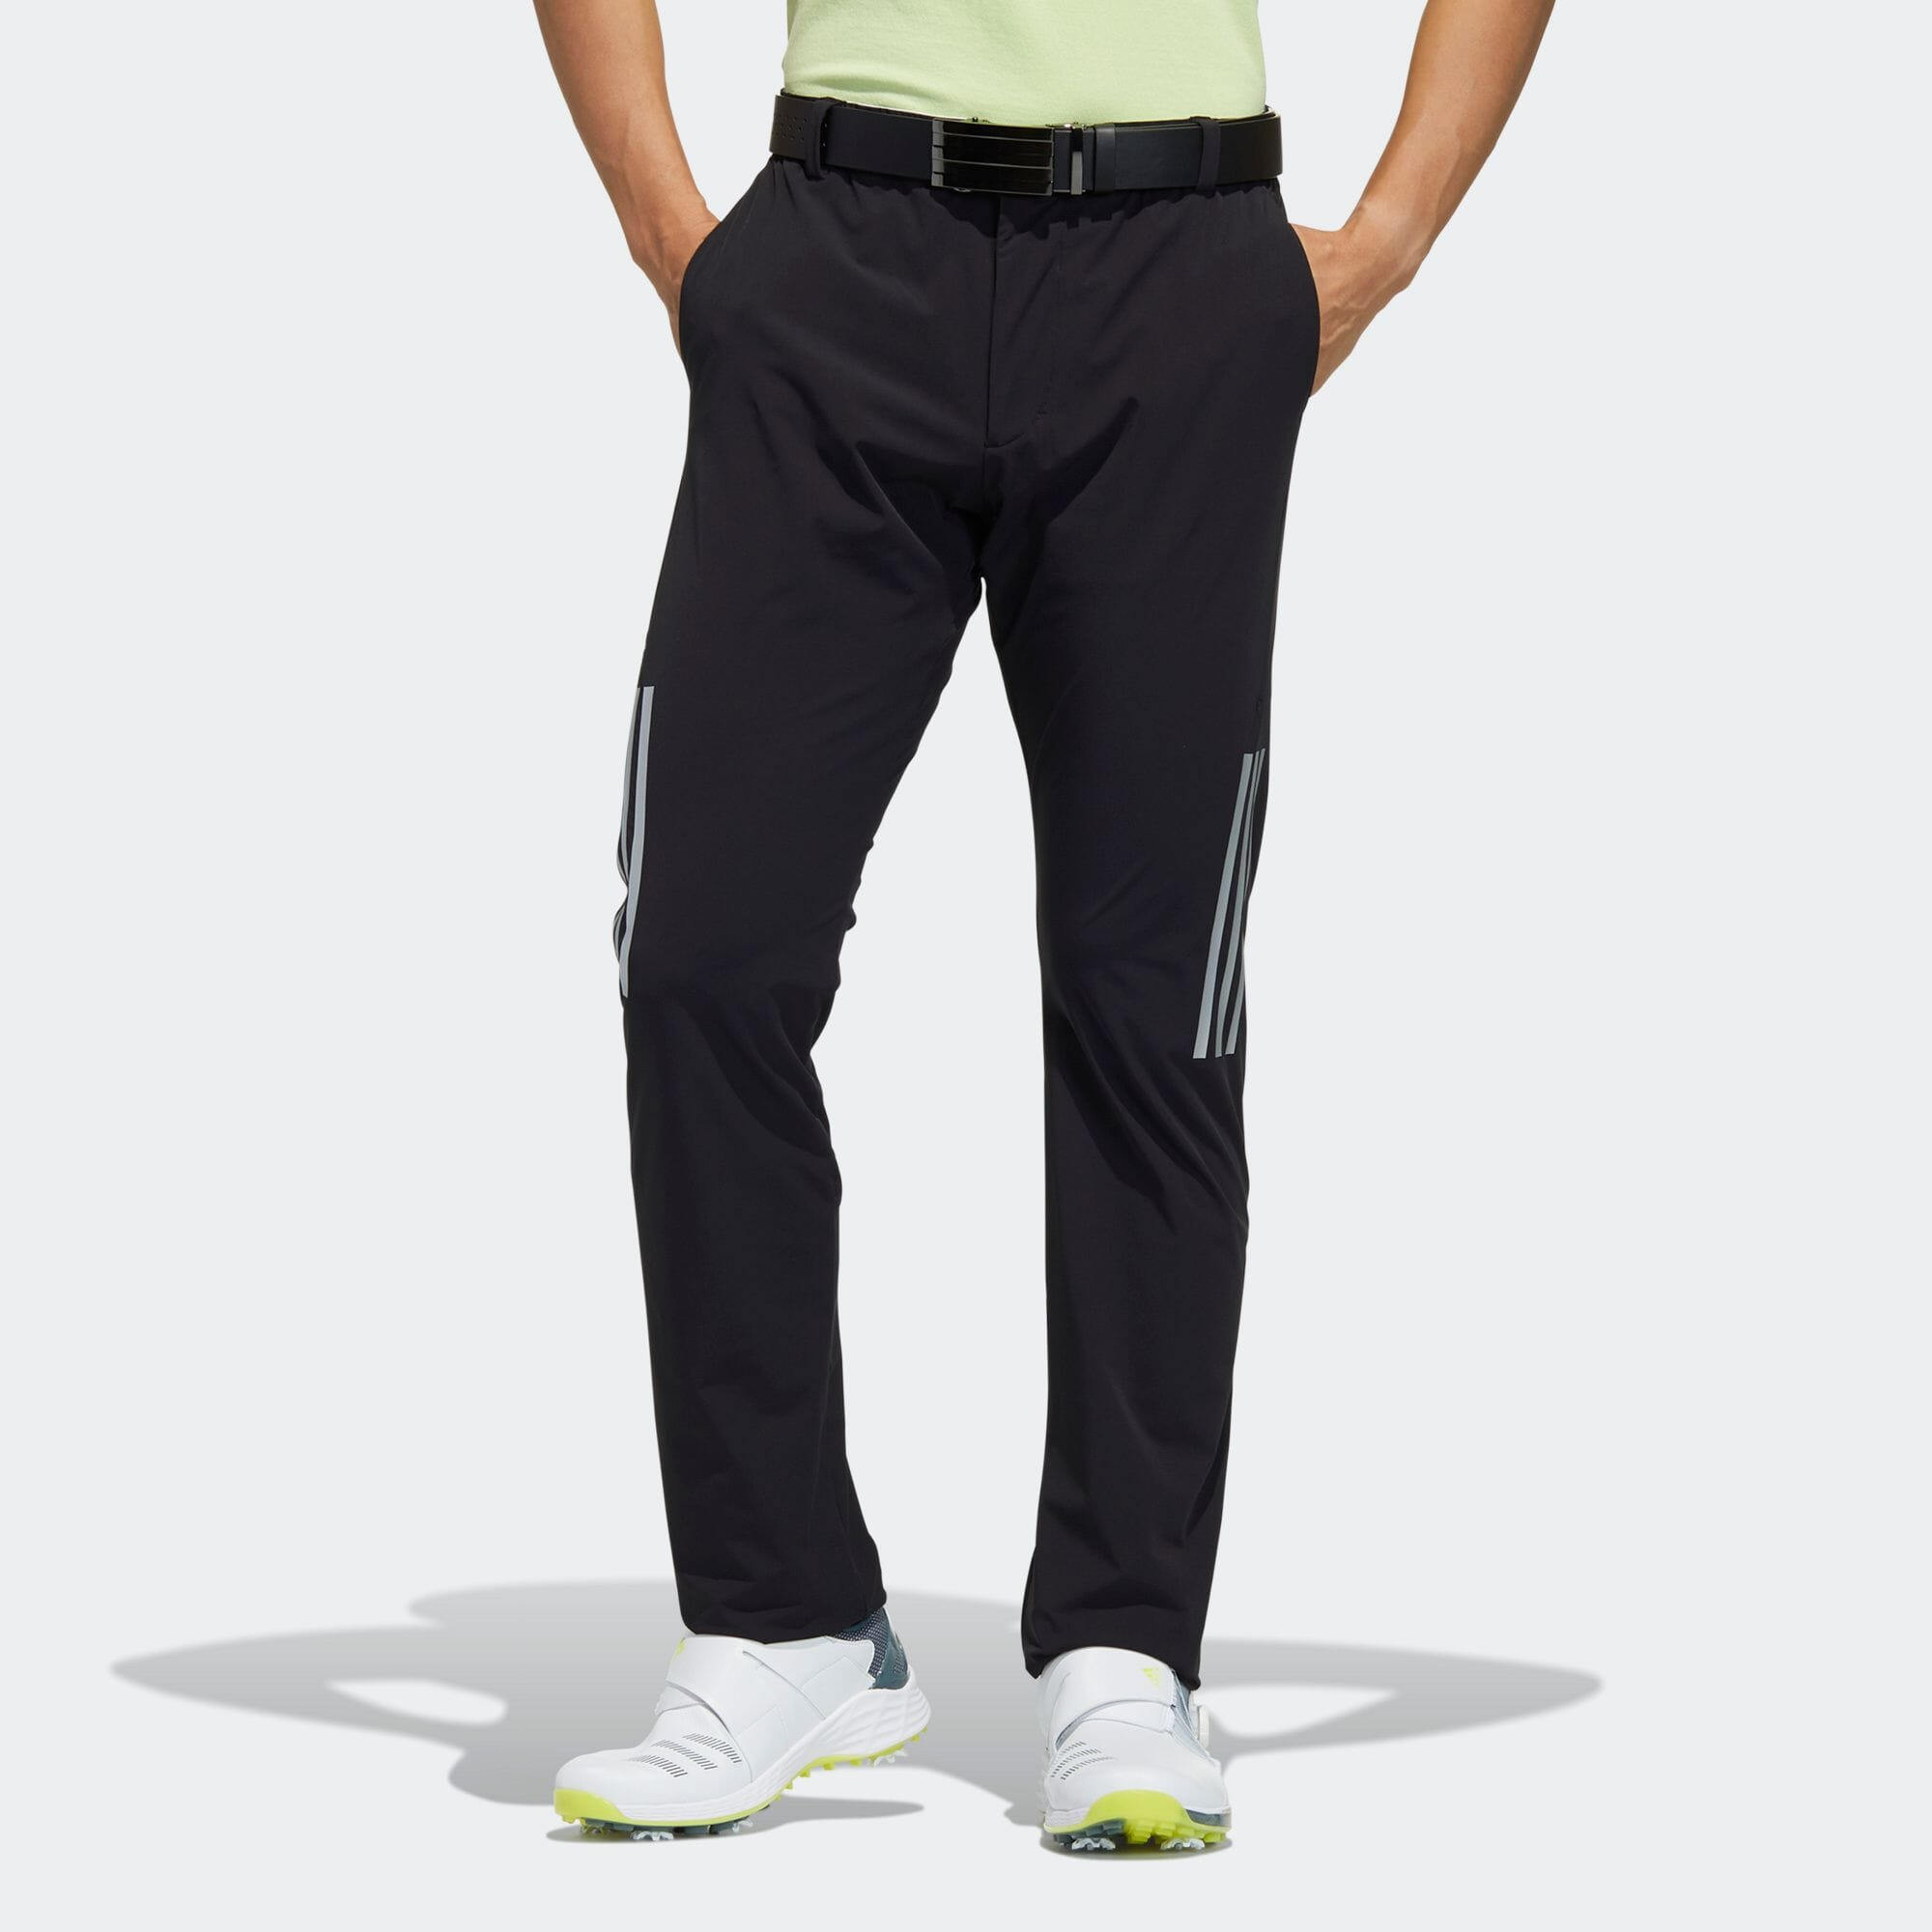 EX STRETCH ACTIVE サイドシームレスパンツ / Pants